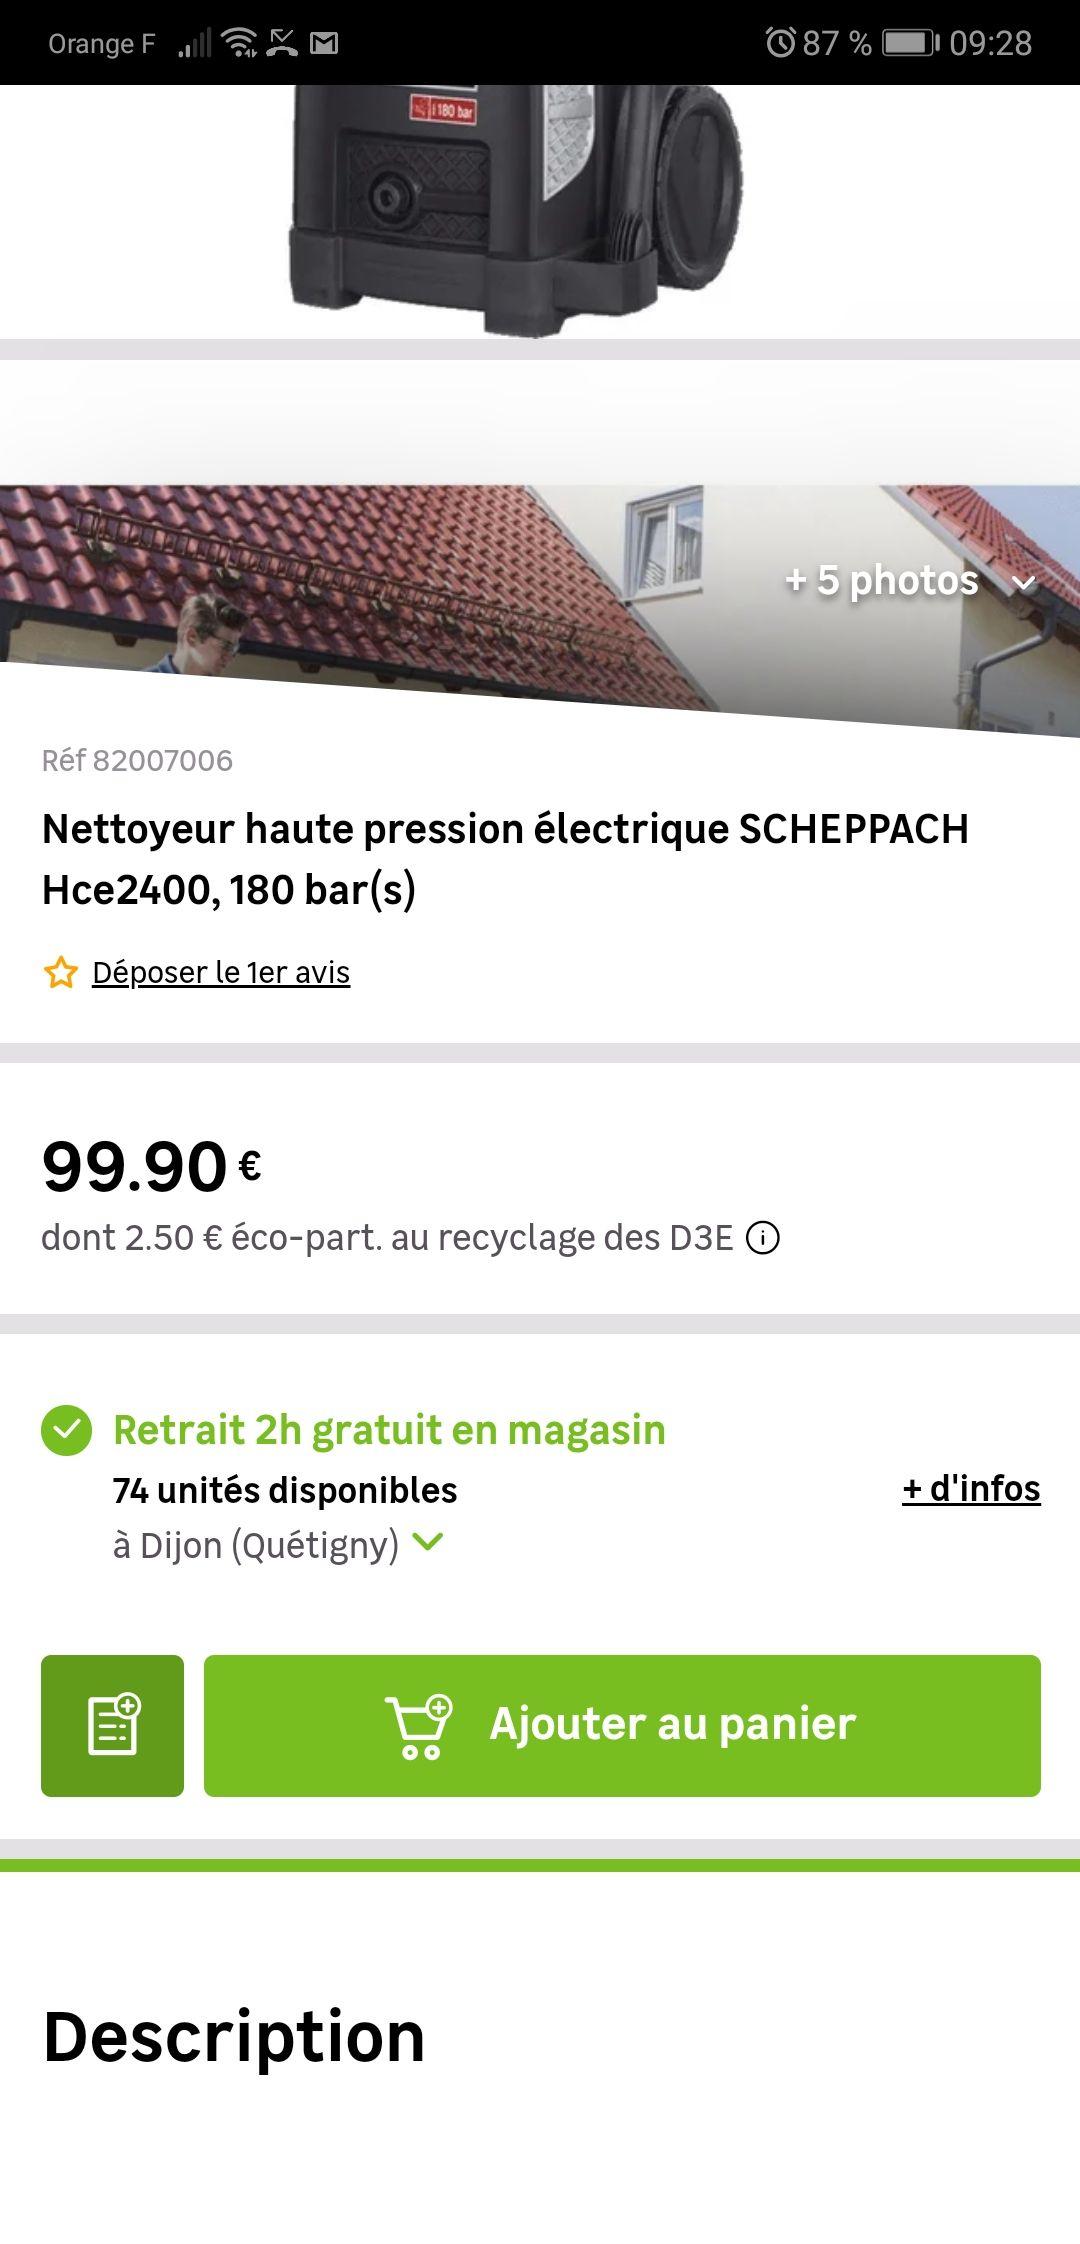 Nettoyeur Haute Pression électrique Scheppach Hce2400 180